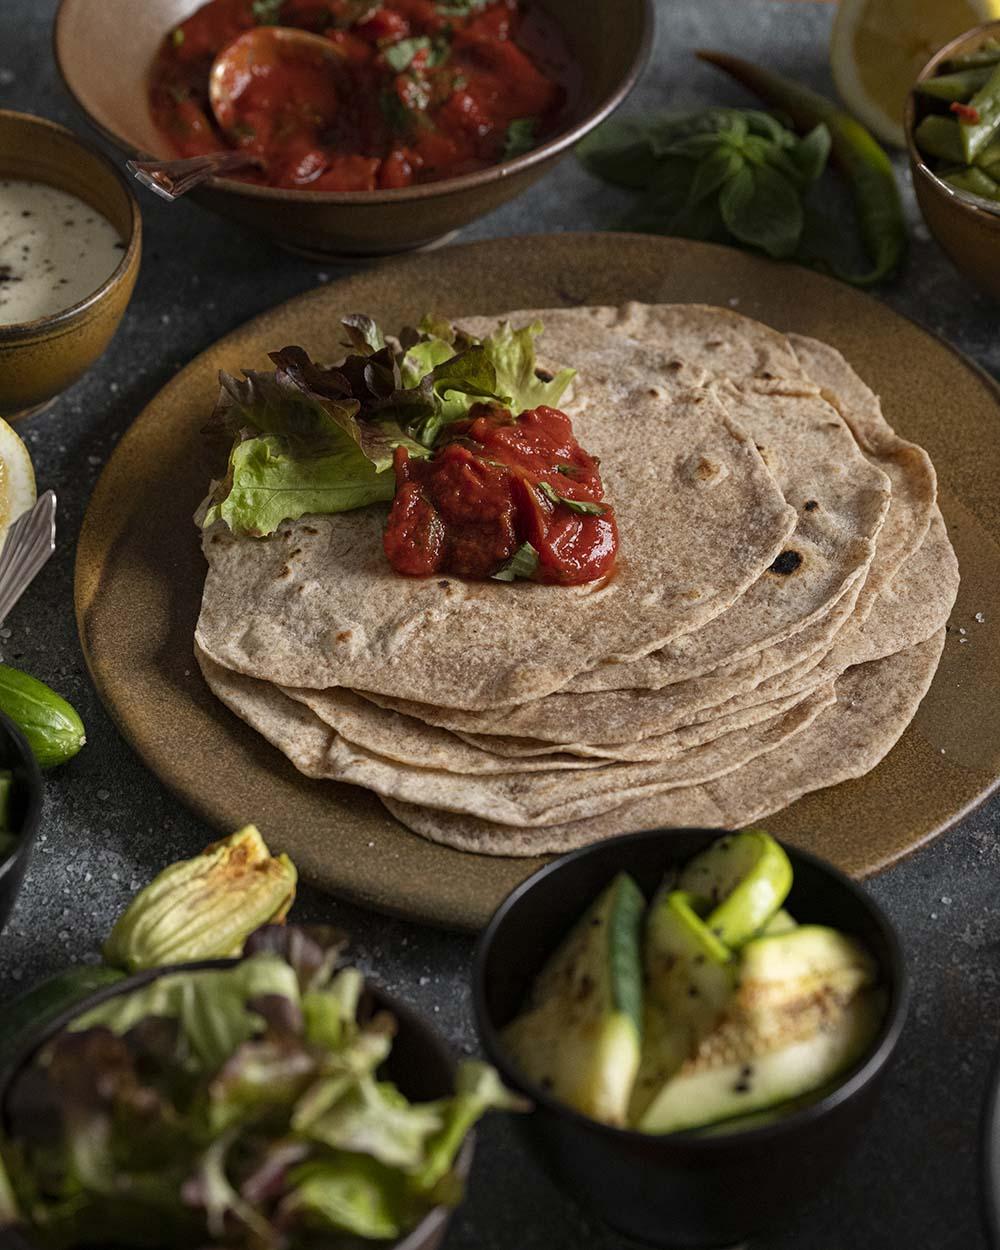 Wir haben einen Klecks Tomaten-Sugo auf einen unserer Wraps gegeben und ein Blatt Salat daneben gelegt. Gleich wikeln wir den Fladen ein.